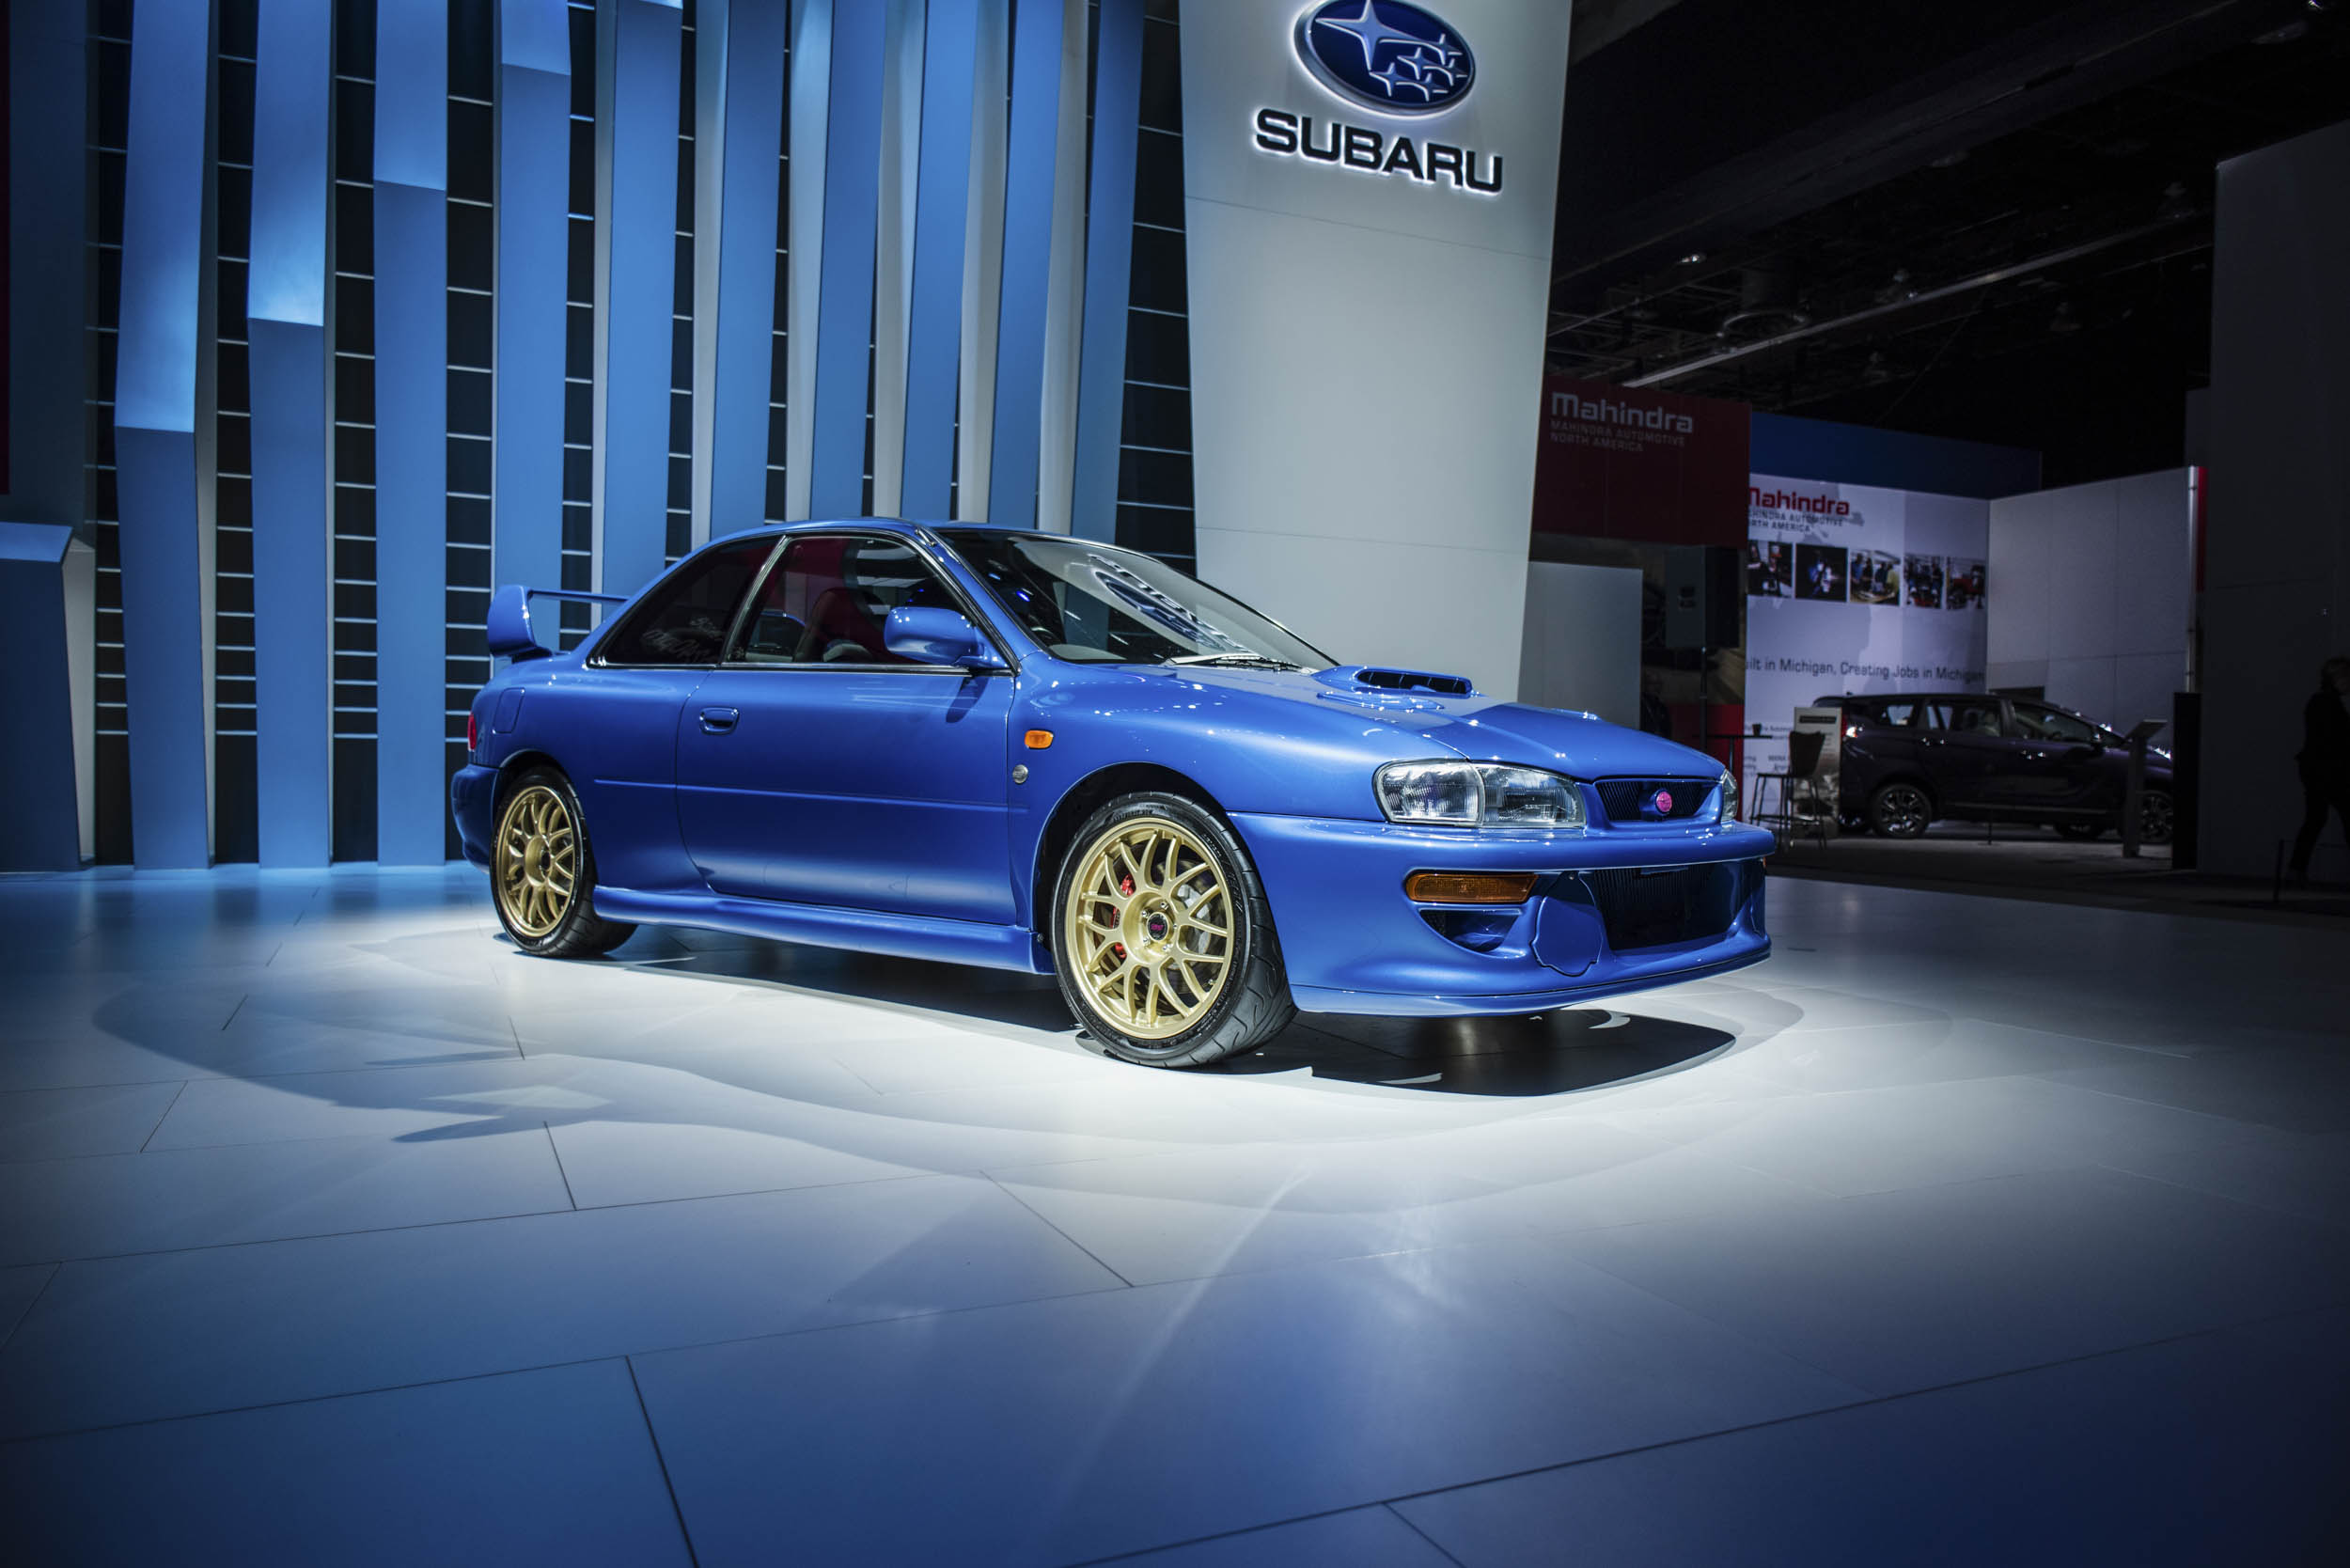 1998 Subaru 22B at the NAIAS